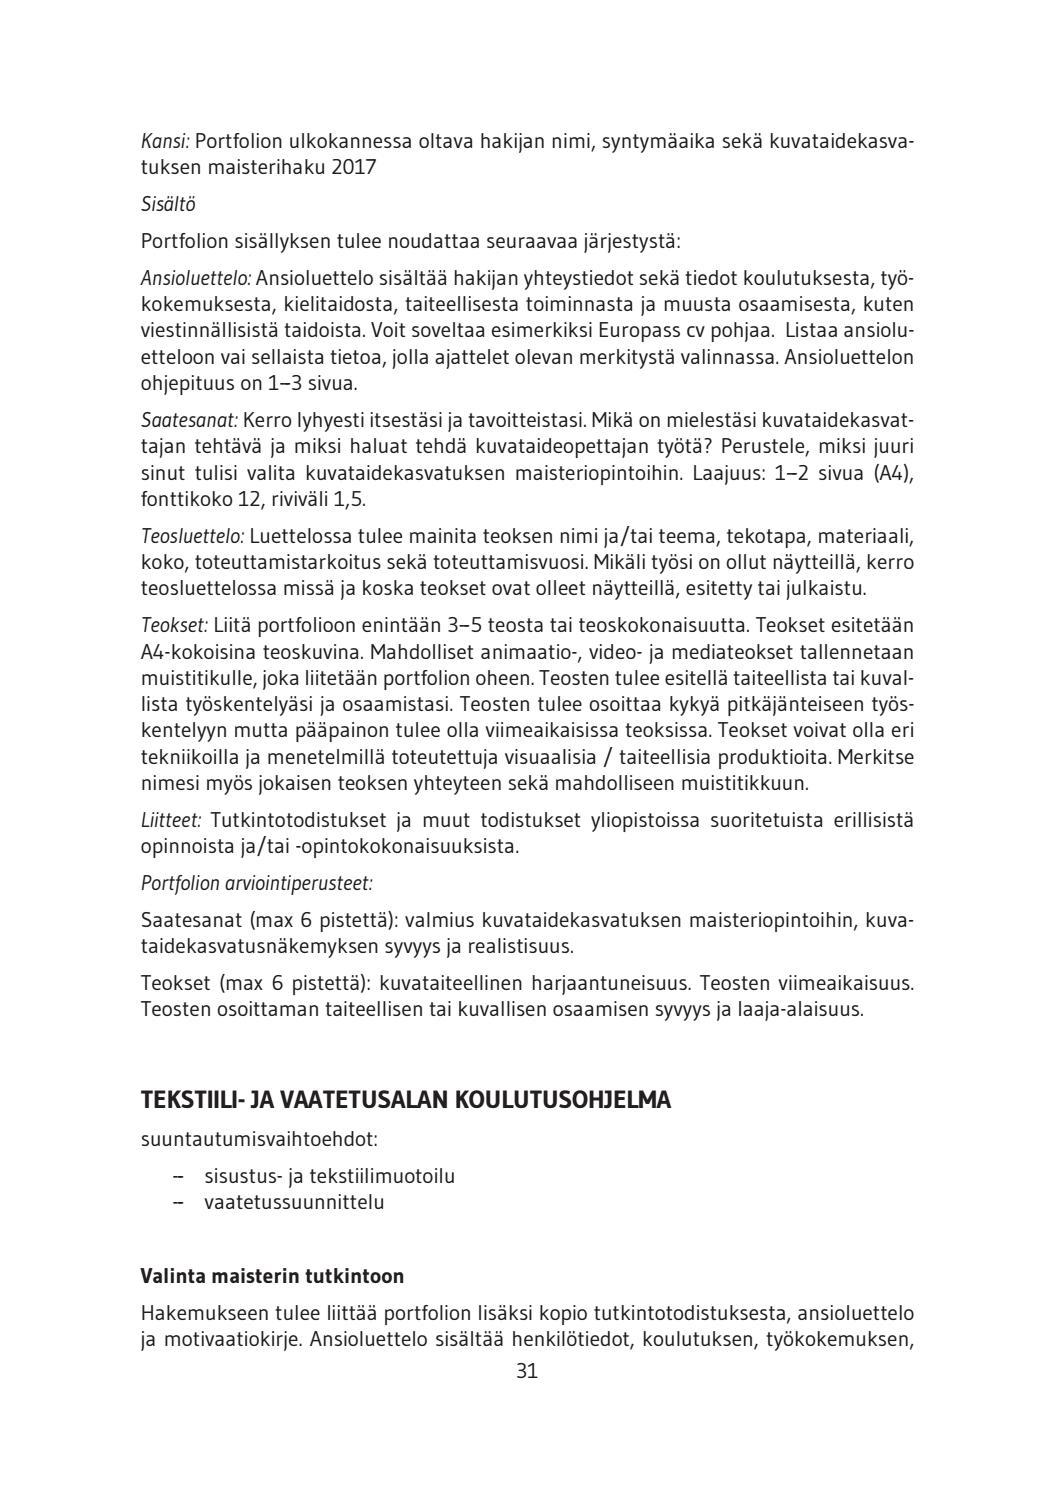 lapin yliopisto  taiteiden tiedekunta  valintaopas 2017 by ulapland